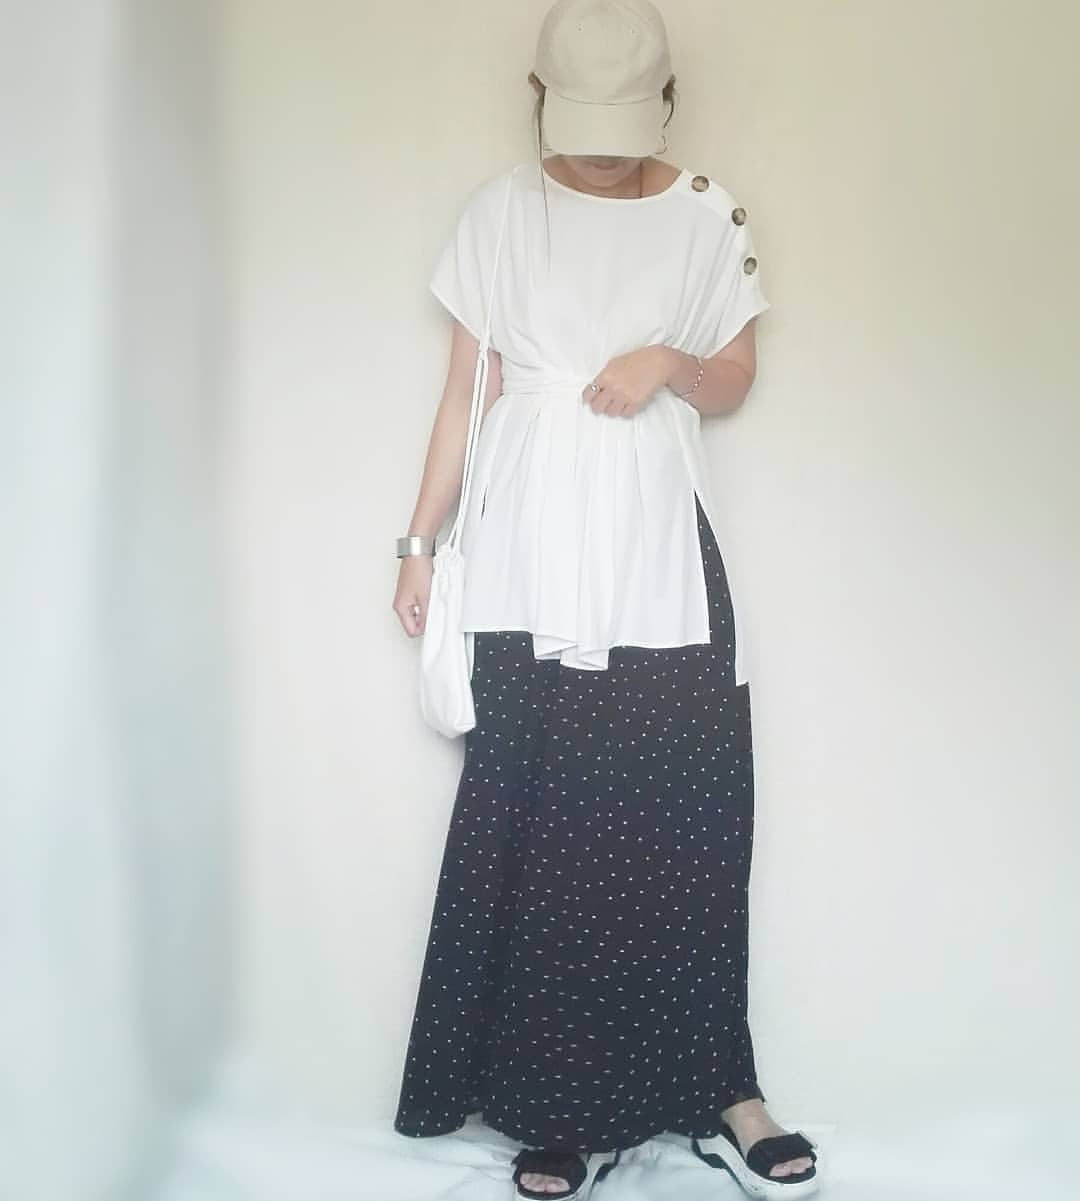 最高気温25度・最低気温19度 mamkorisaの服装